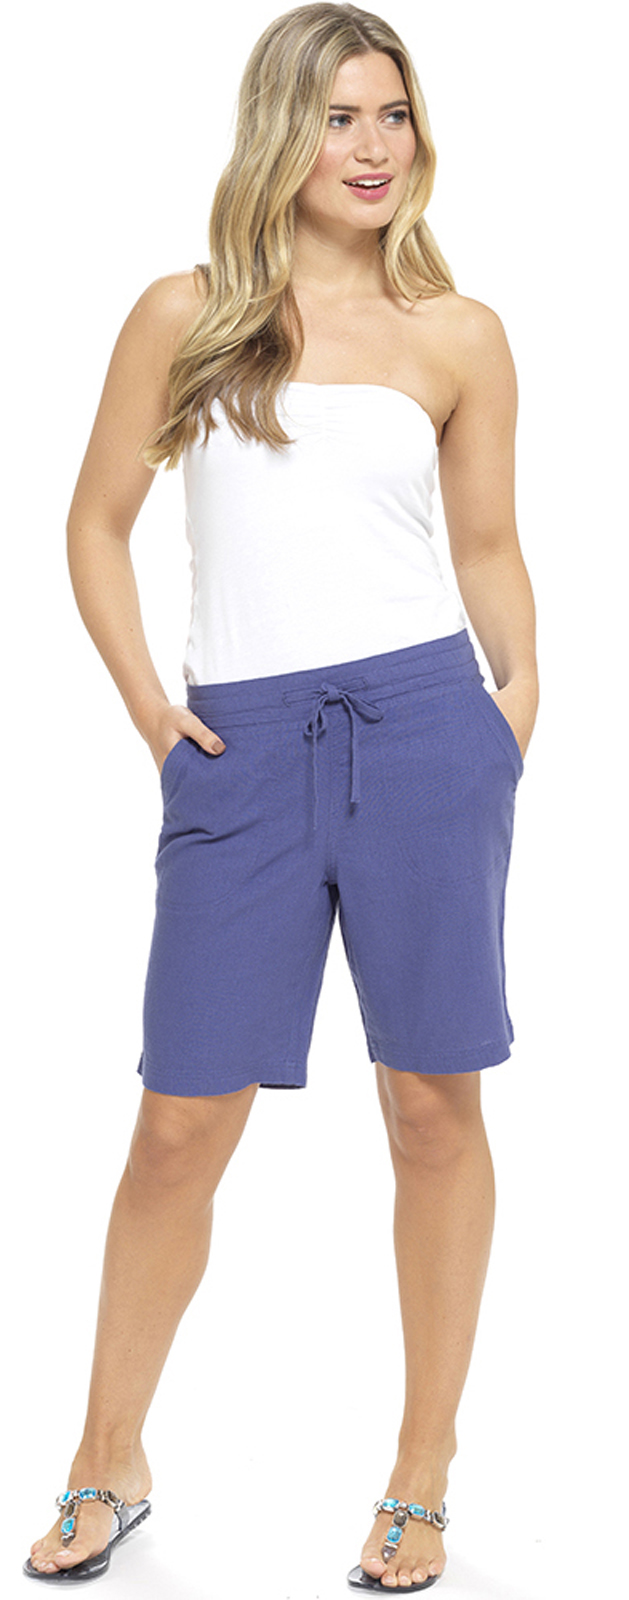 magasin en ligne 16d34 f04b2 Détails sur Short femme en lin avec taille élastique Vacances Plage Hot  Pants Filles Taille- afficher le titre d'origine